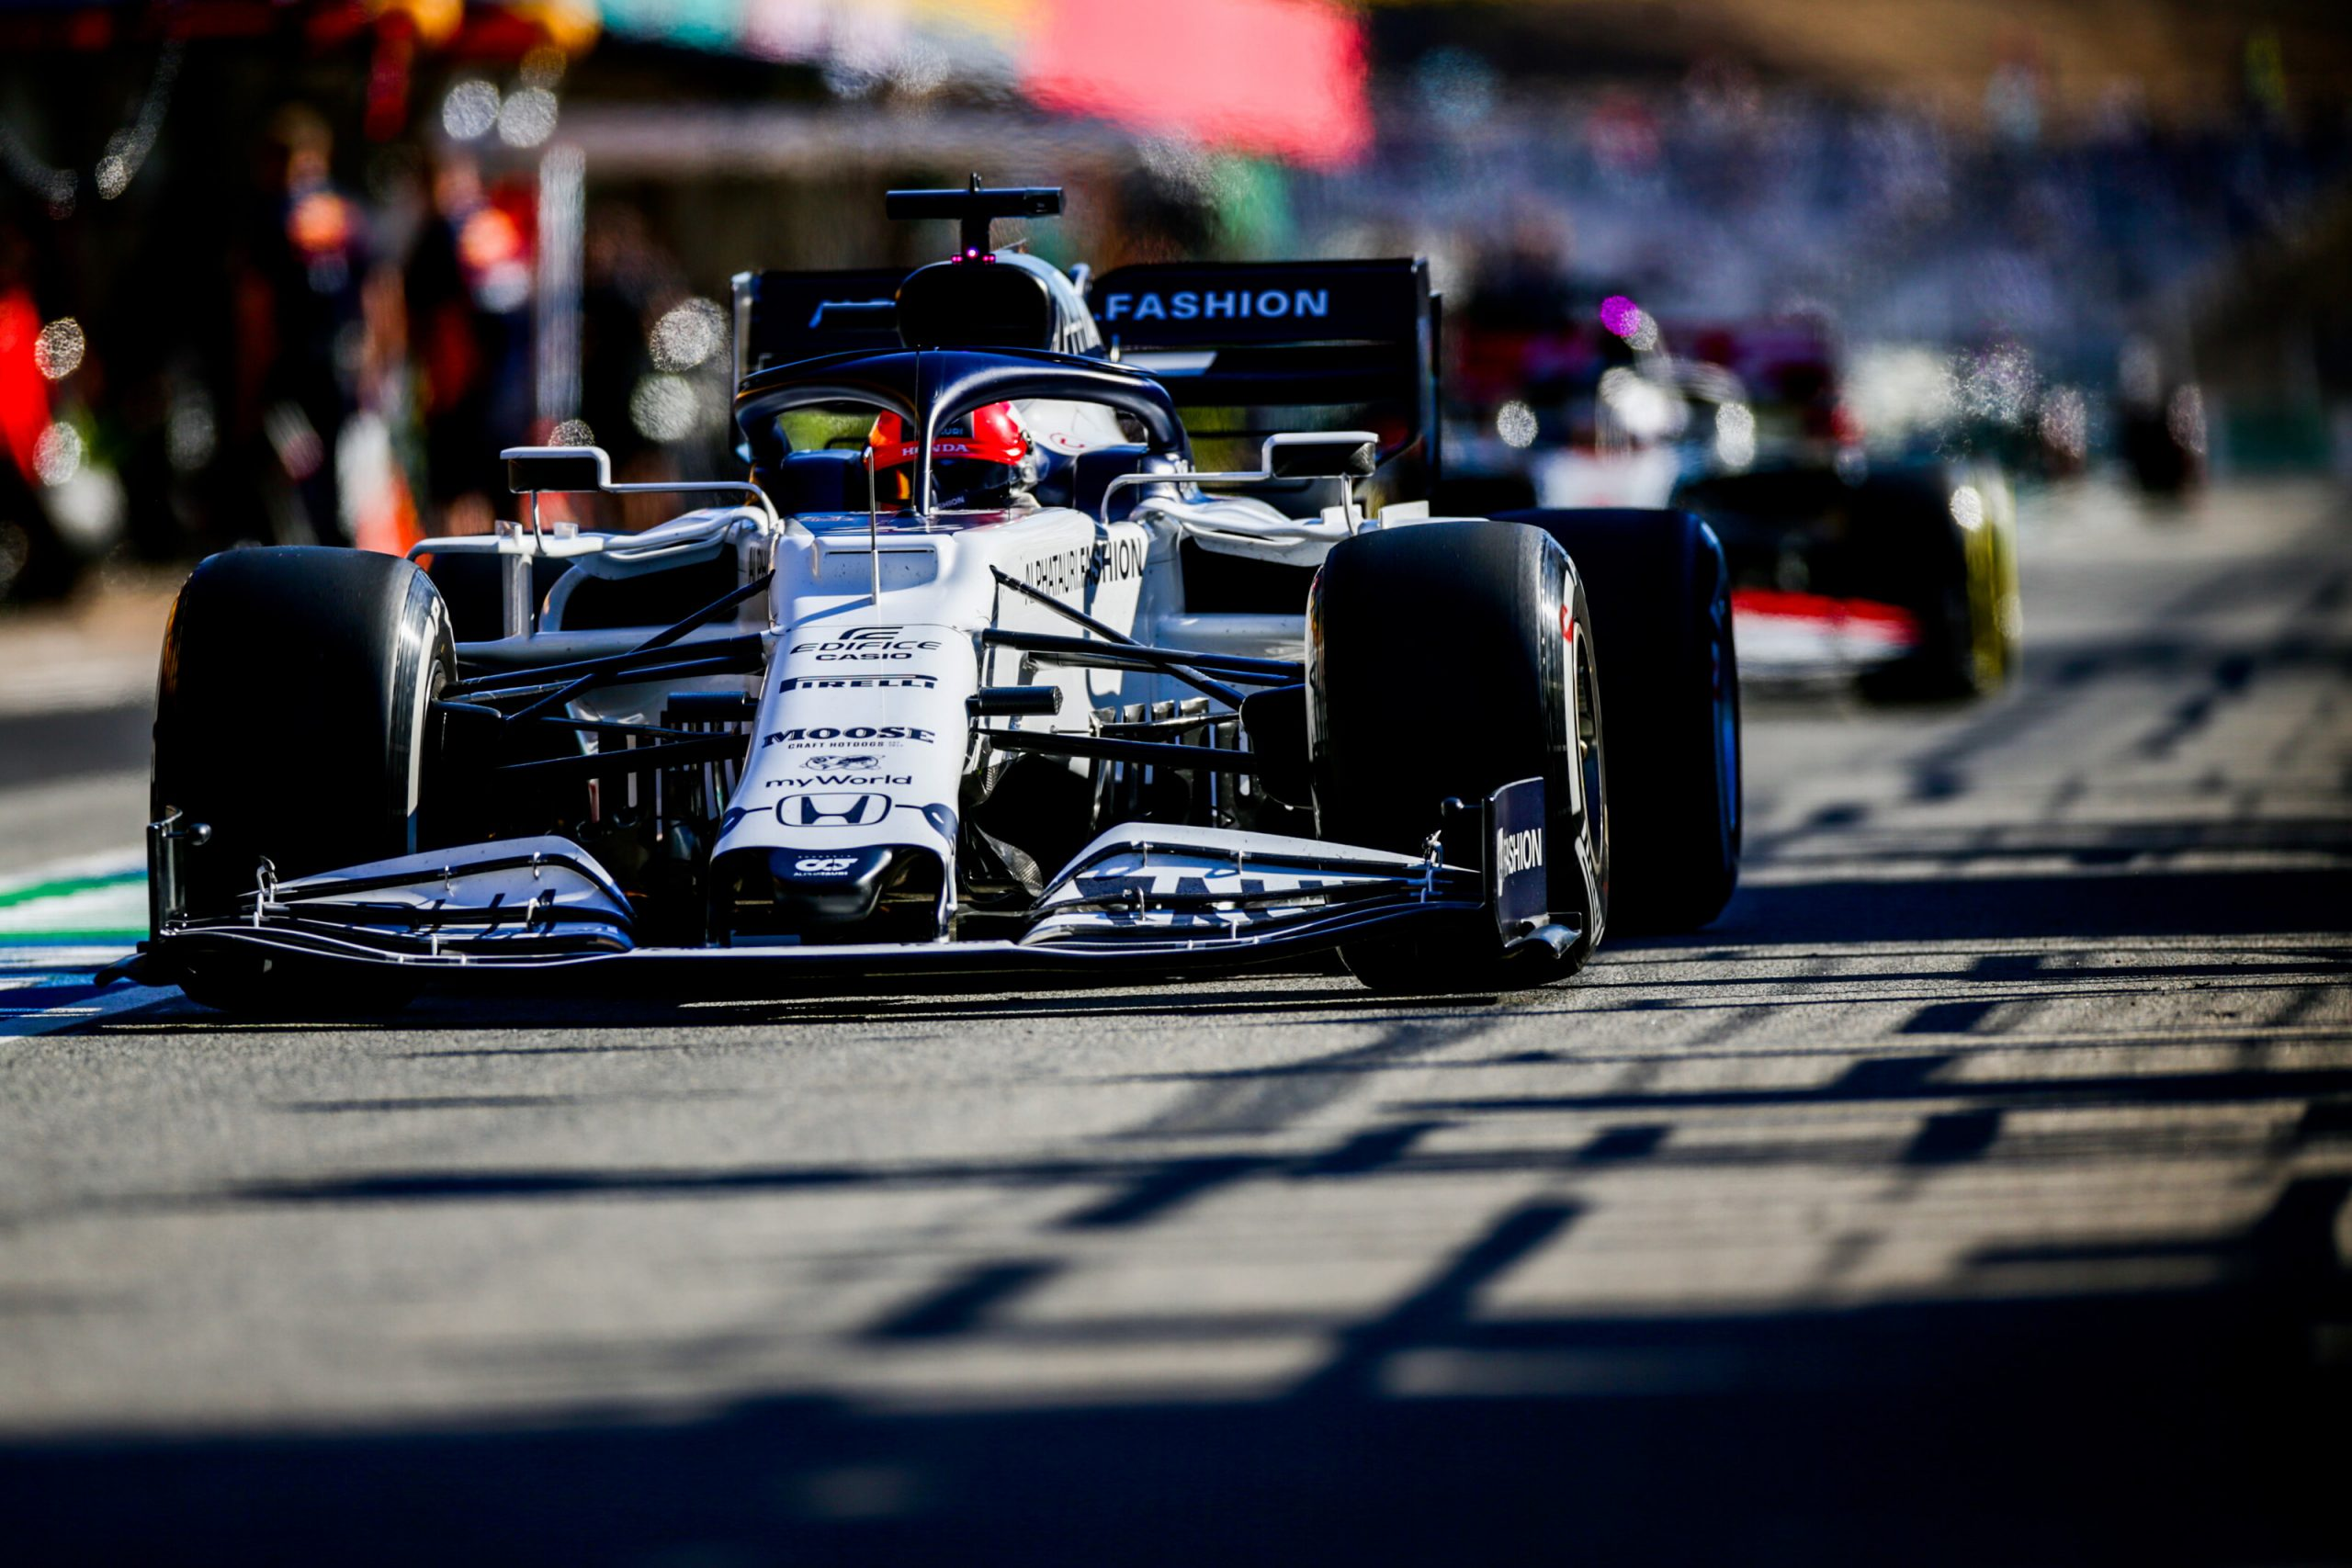 F1 - Les classements F1 2020 après le GP du Portugal